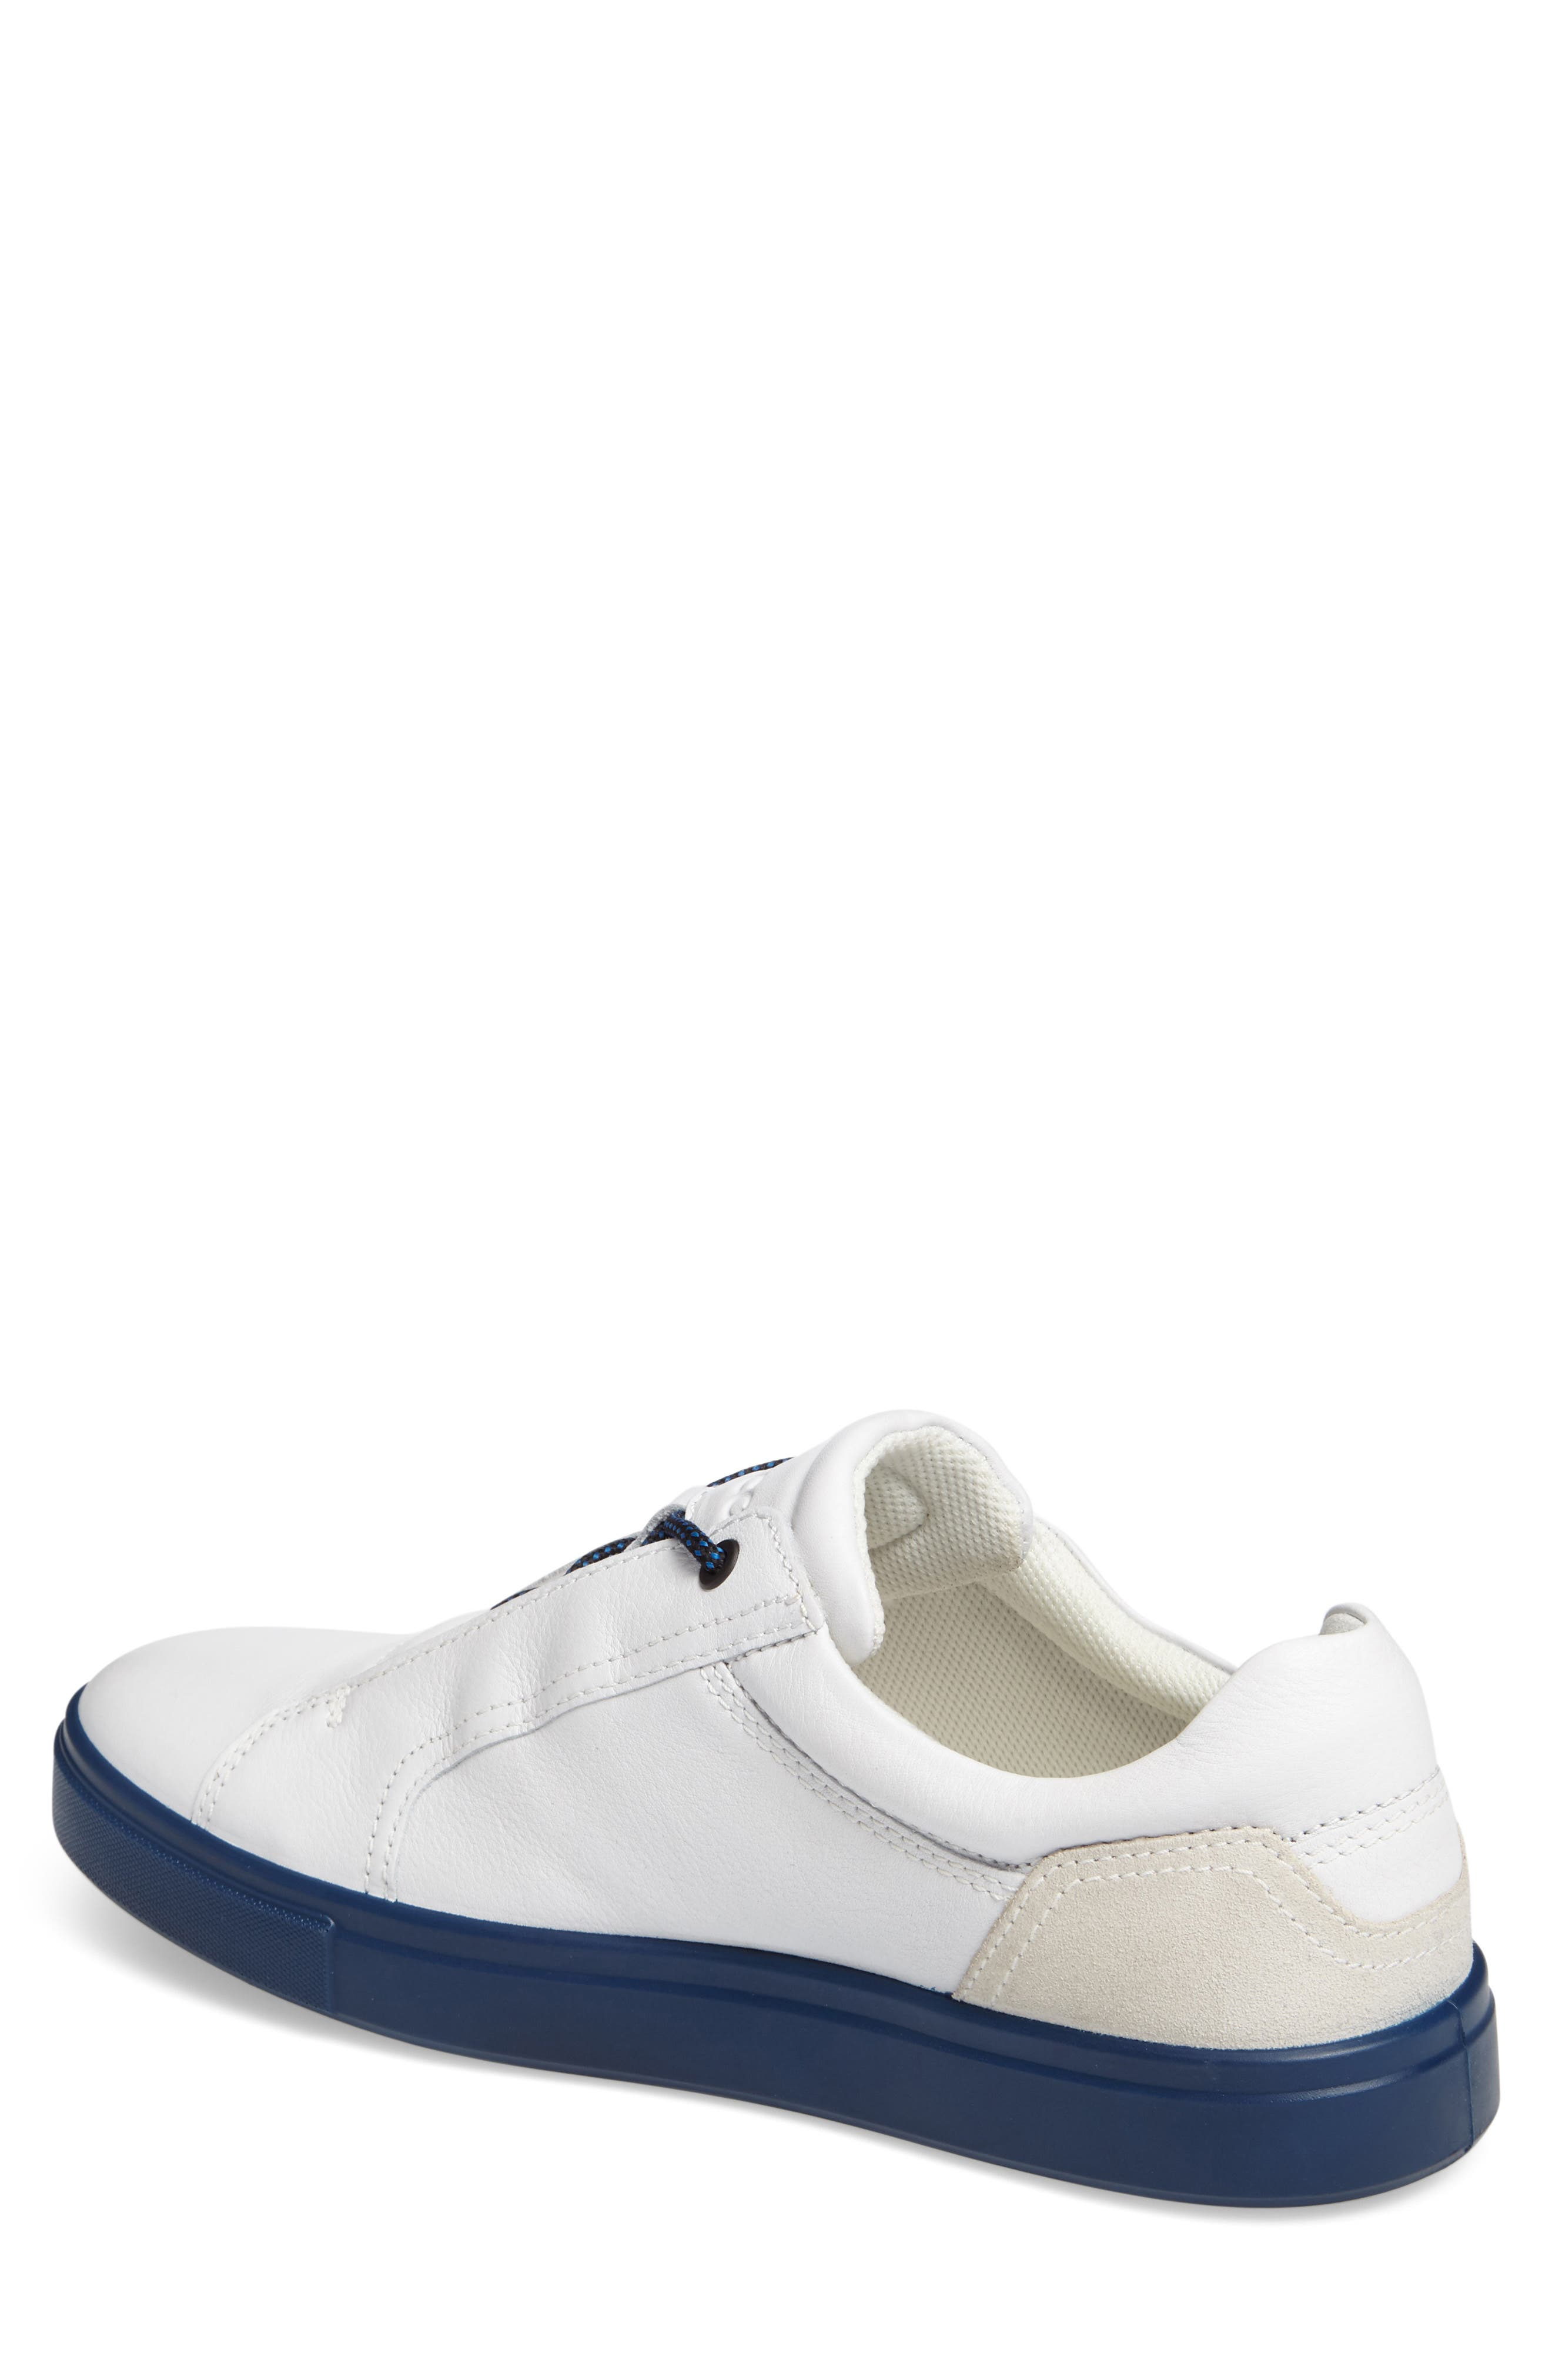 Kyle Sneaker,                             Alternate thumbnail 2, color,                             White